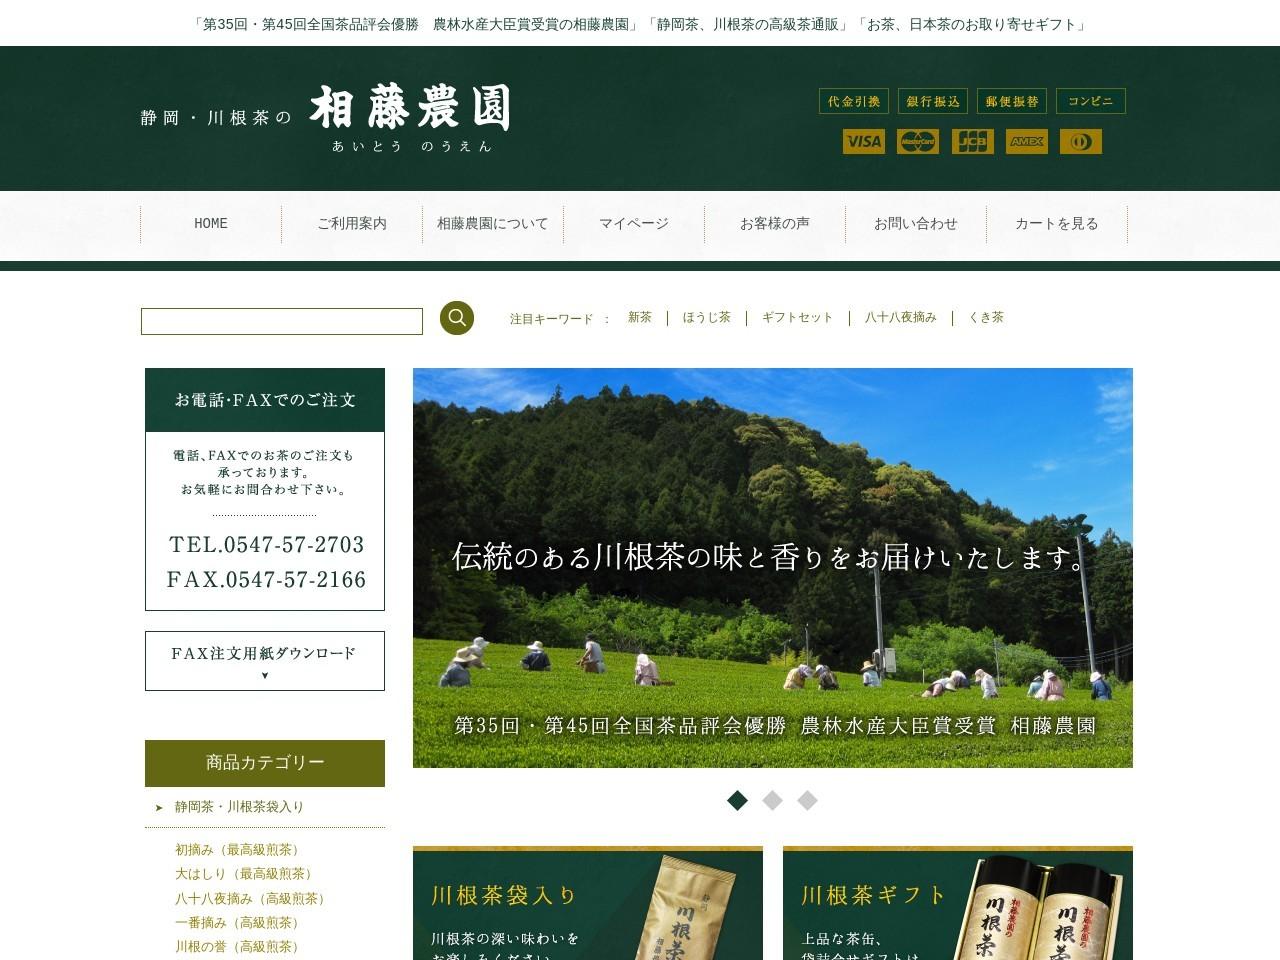 静岡のお茶・川根茶の通販 相藤農園 農林水産大臣賞受賞